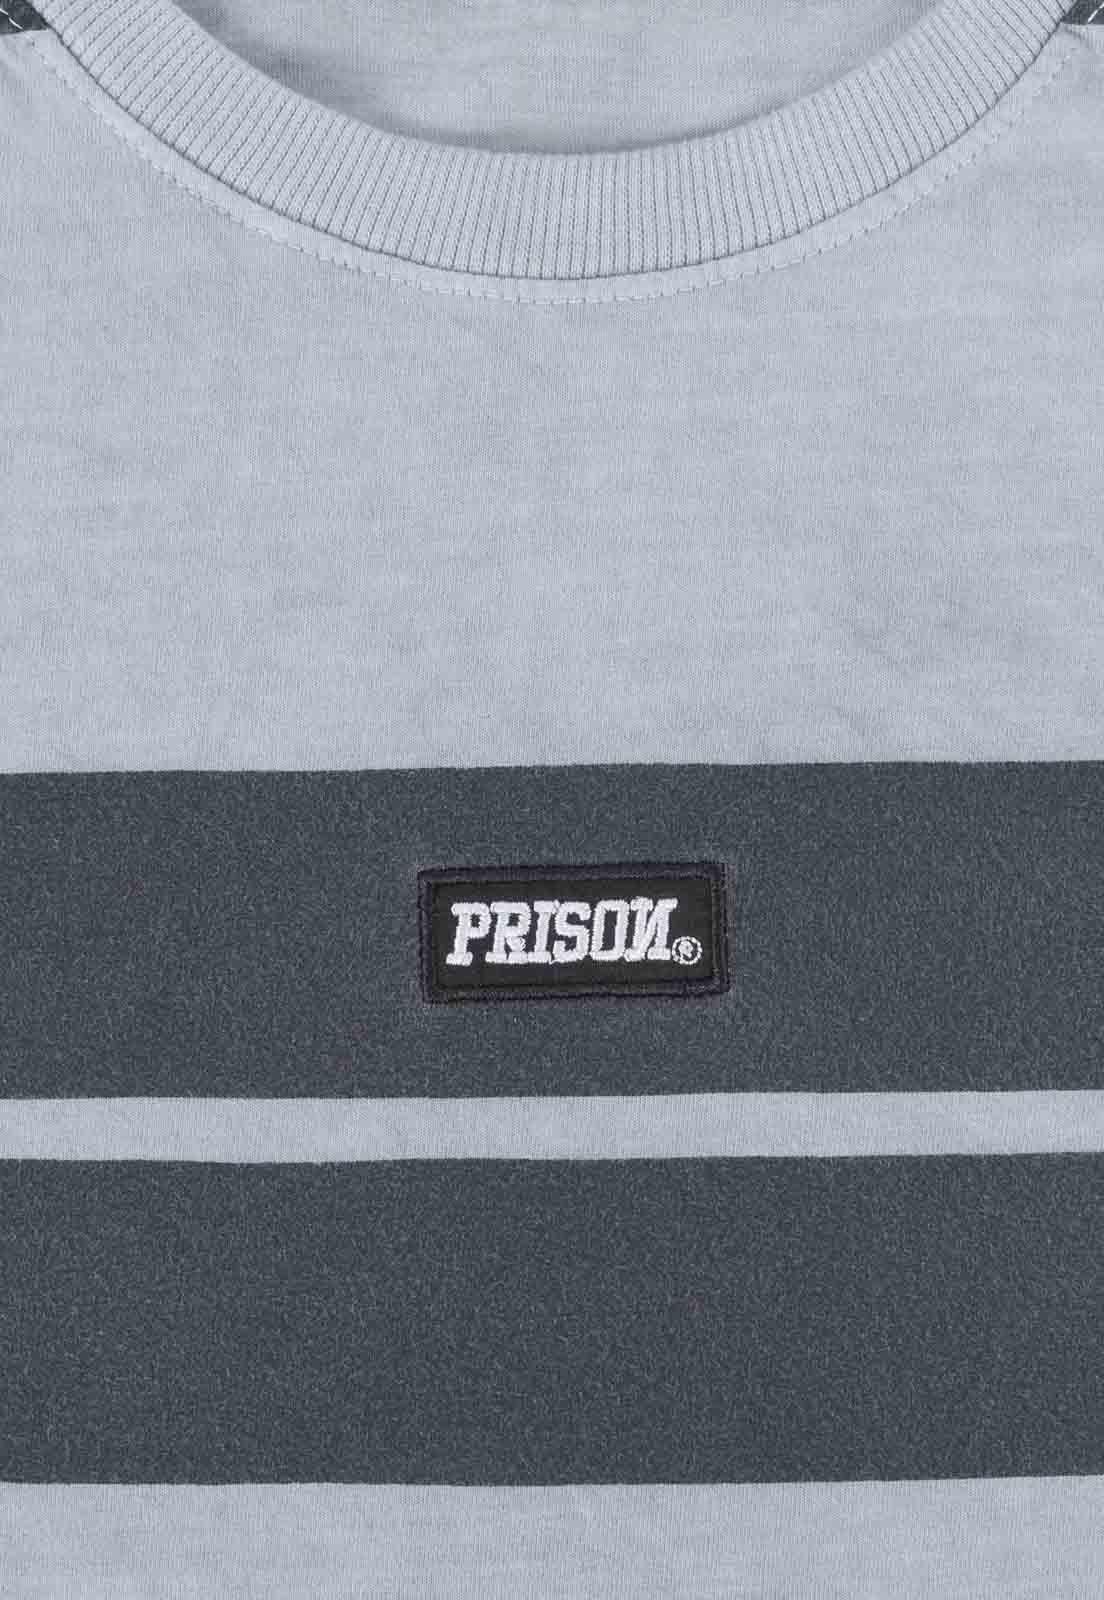 Camiseta Prison Listrada Gray Retro